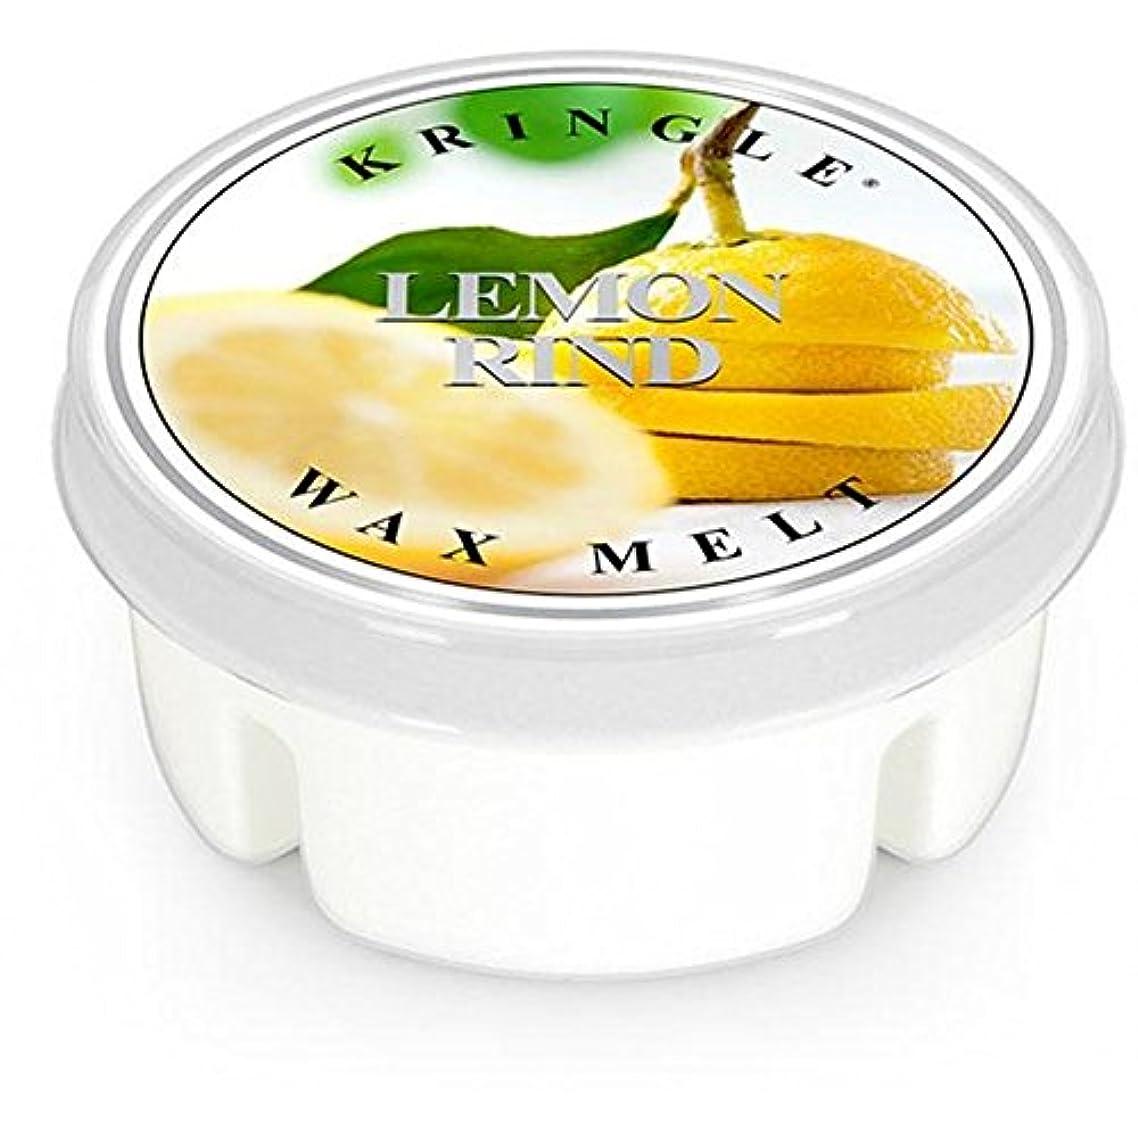 真実疑い者購入レモンRind Scented Candle Potpourri Wax Melts (1.25oz) 0028-002200 #151027